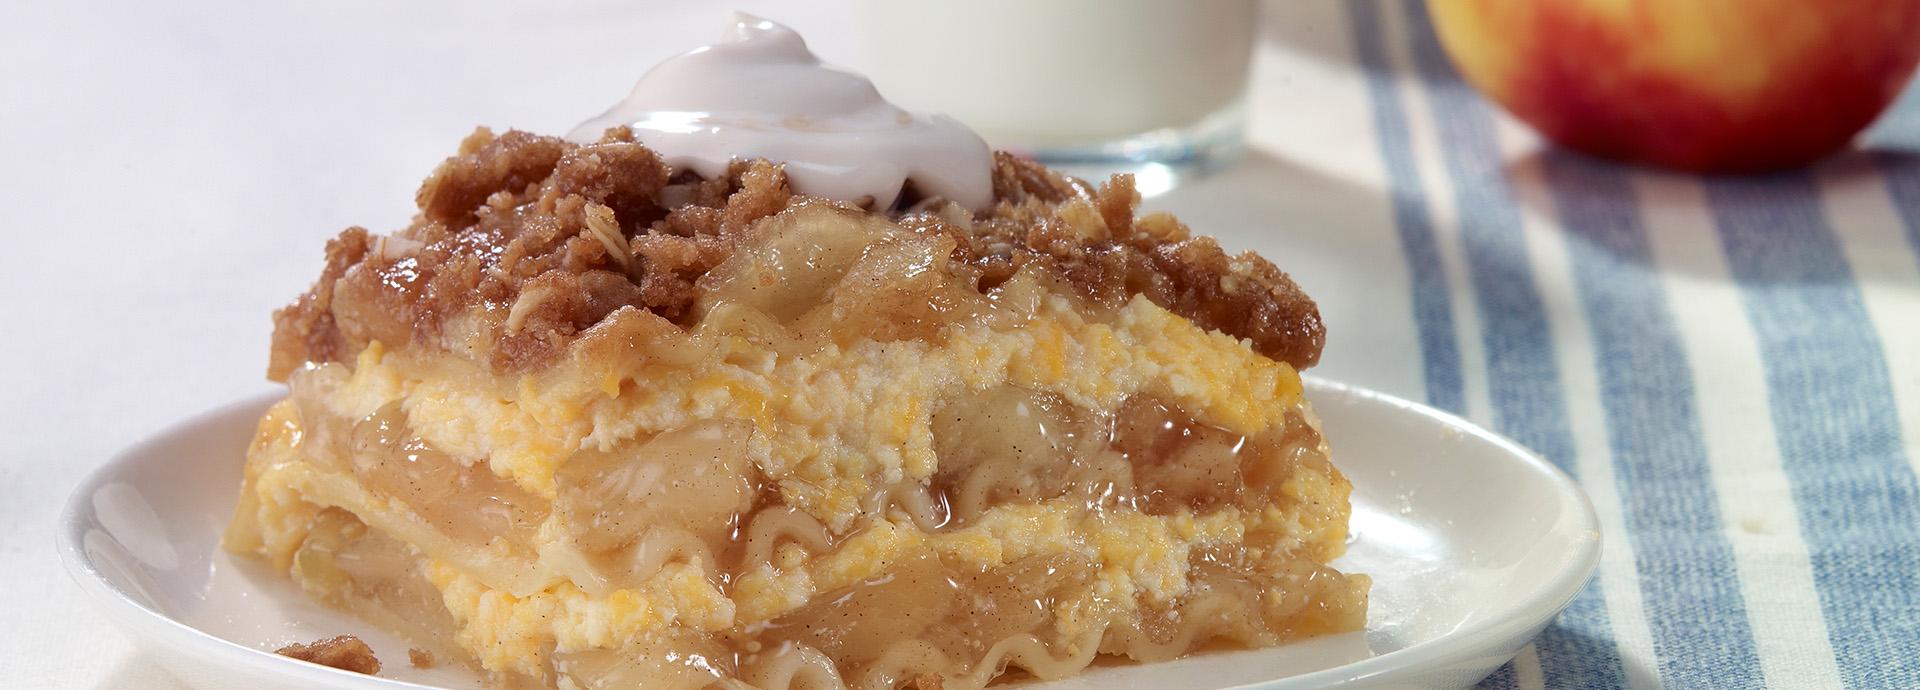 Skinner 174 Apple Crisp Dessert